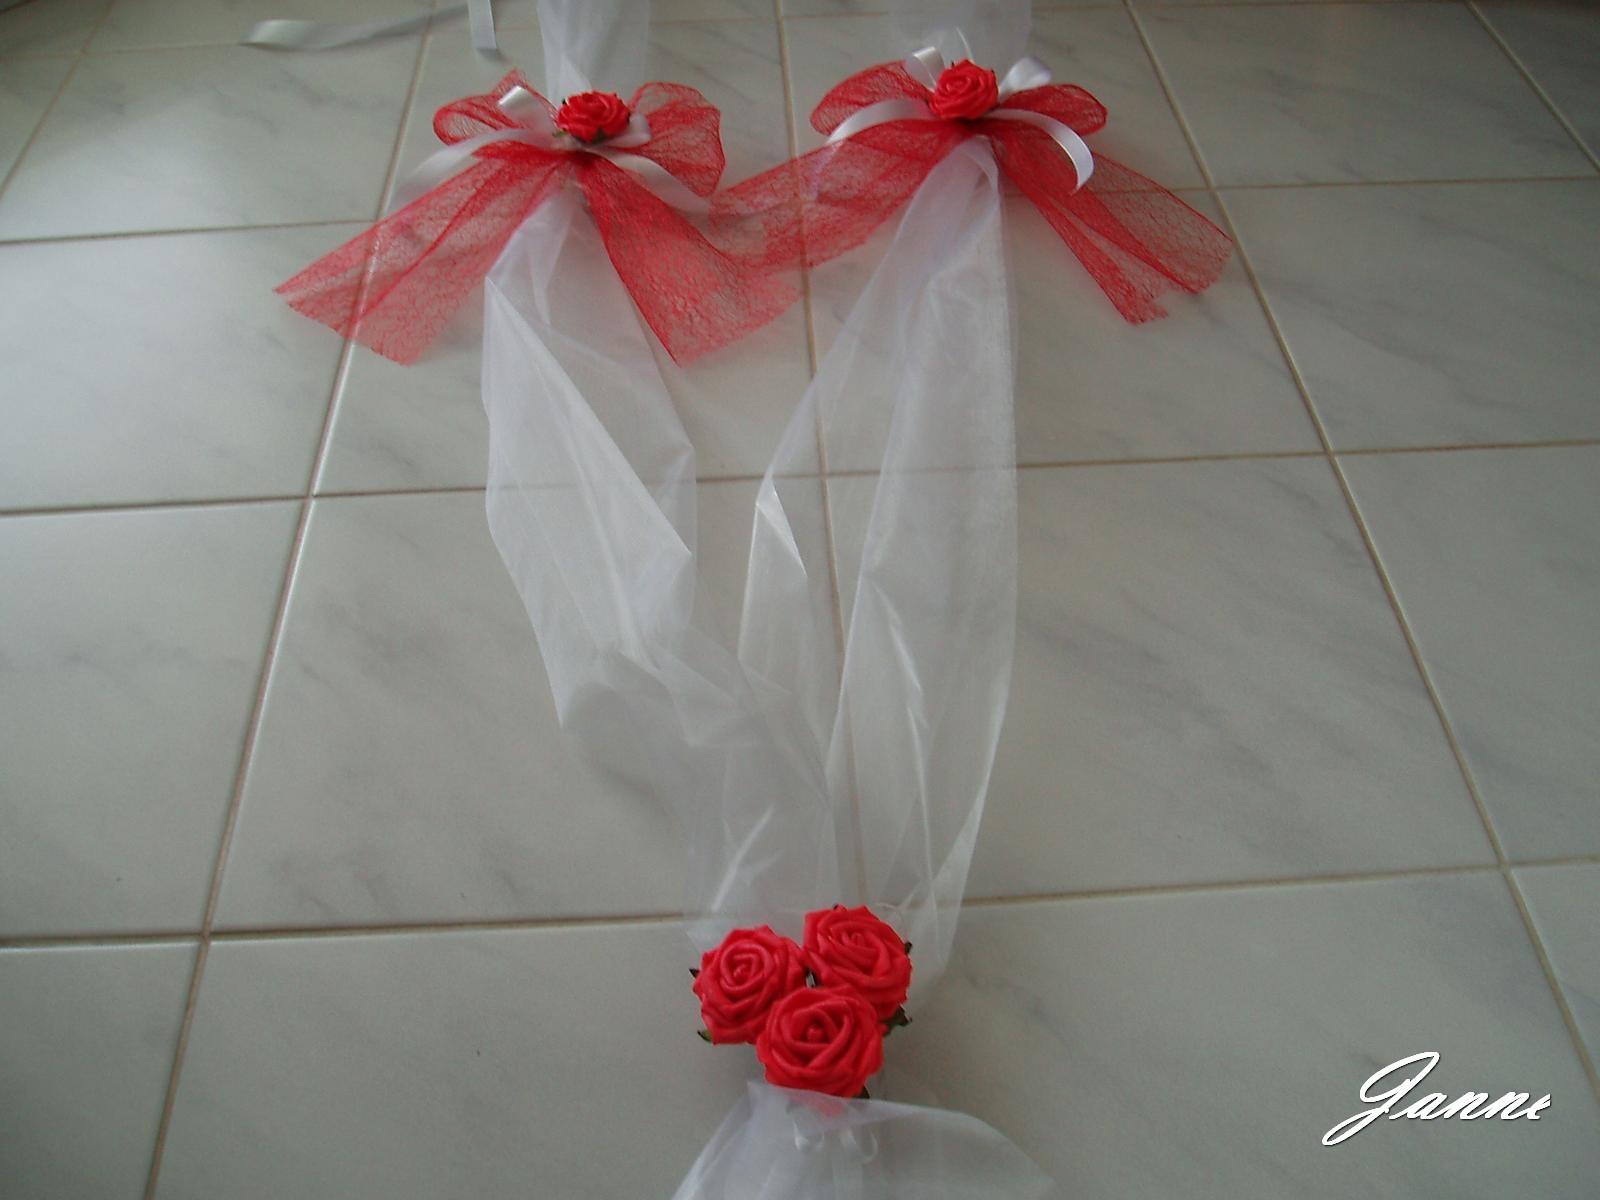 šerpa červená-růže - Obrázek č. 1